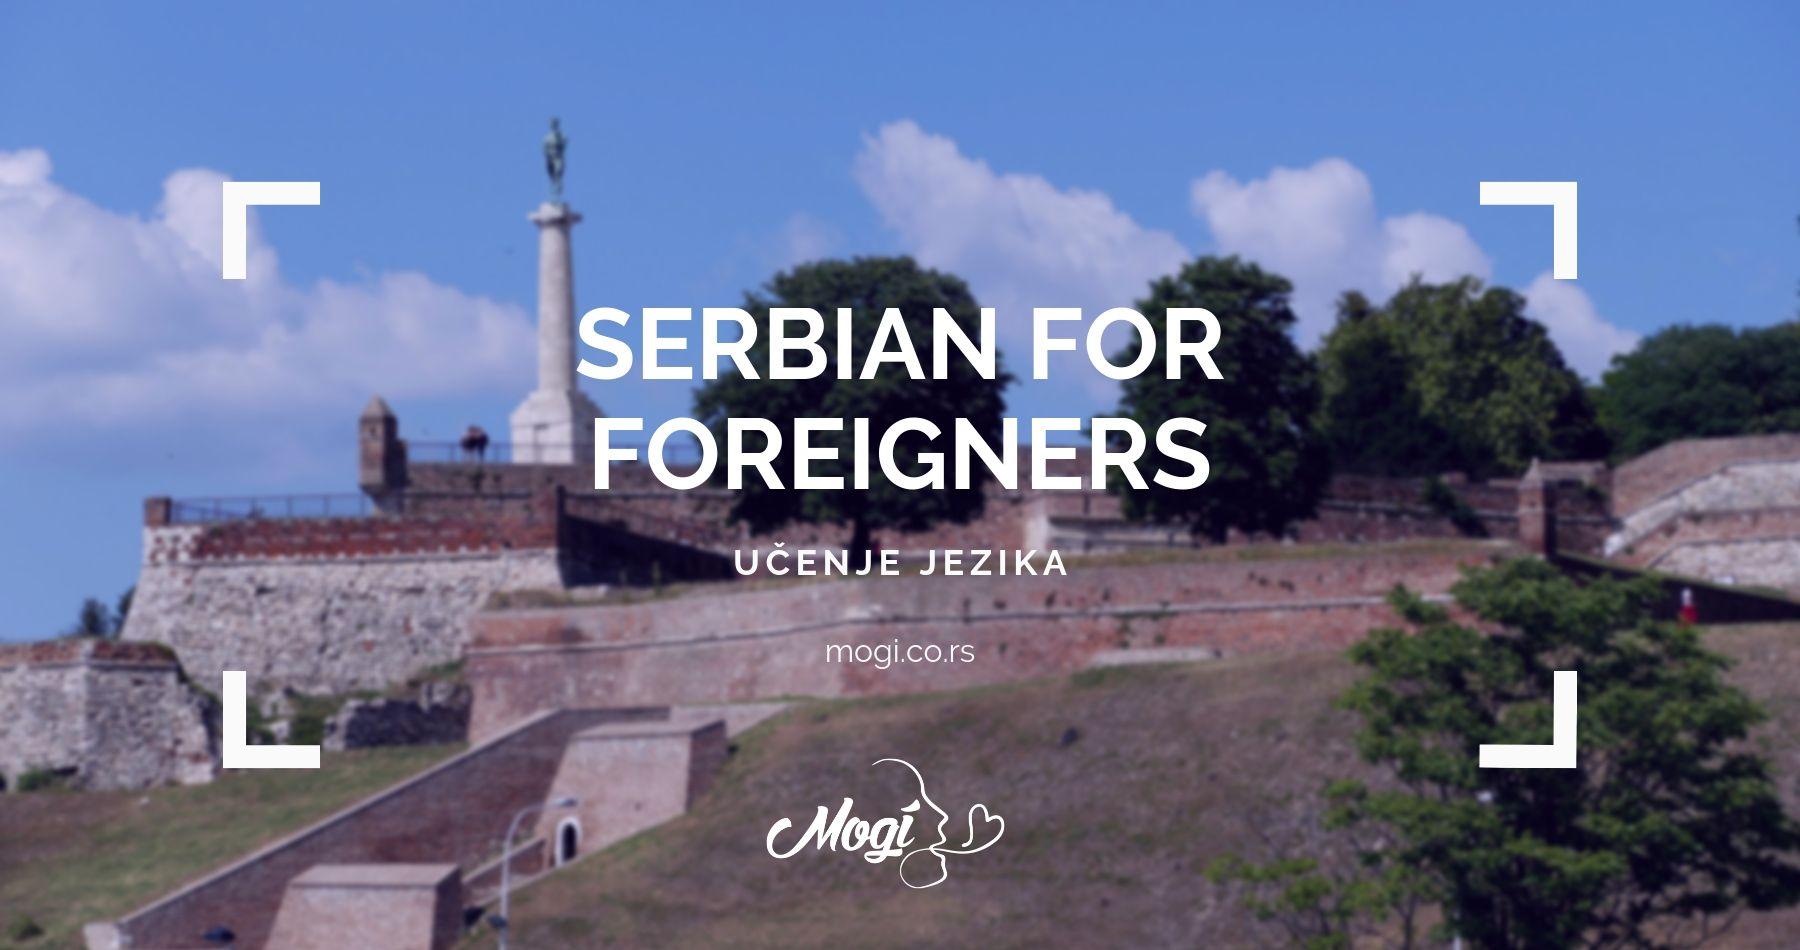 Nastava srpskog jezika se izvodi po metodi doktora Georgija Lozanova, najboljoj metodi za učenje stranih jezika na svetu